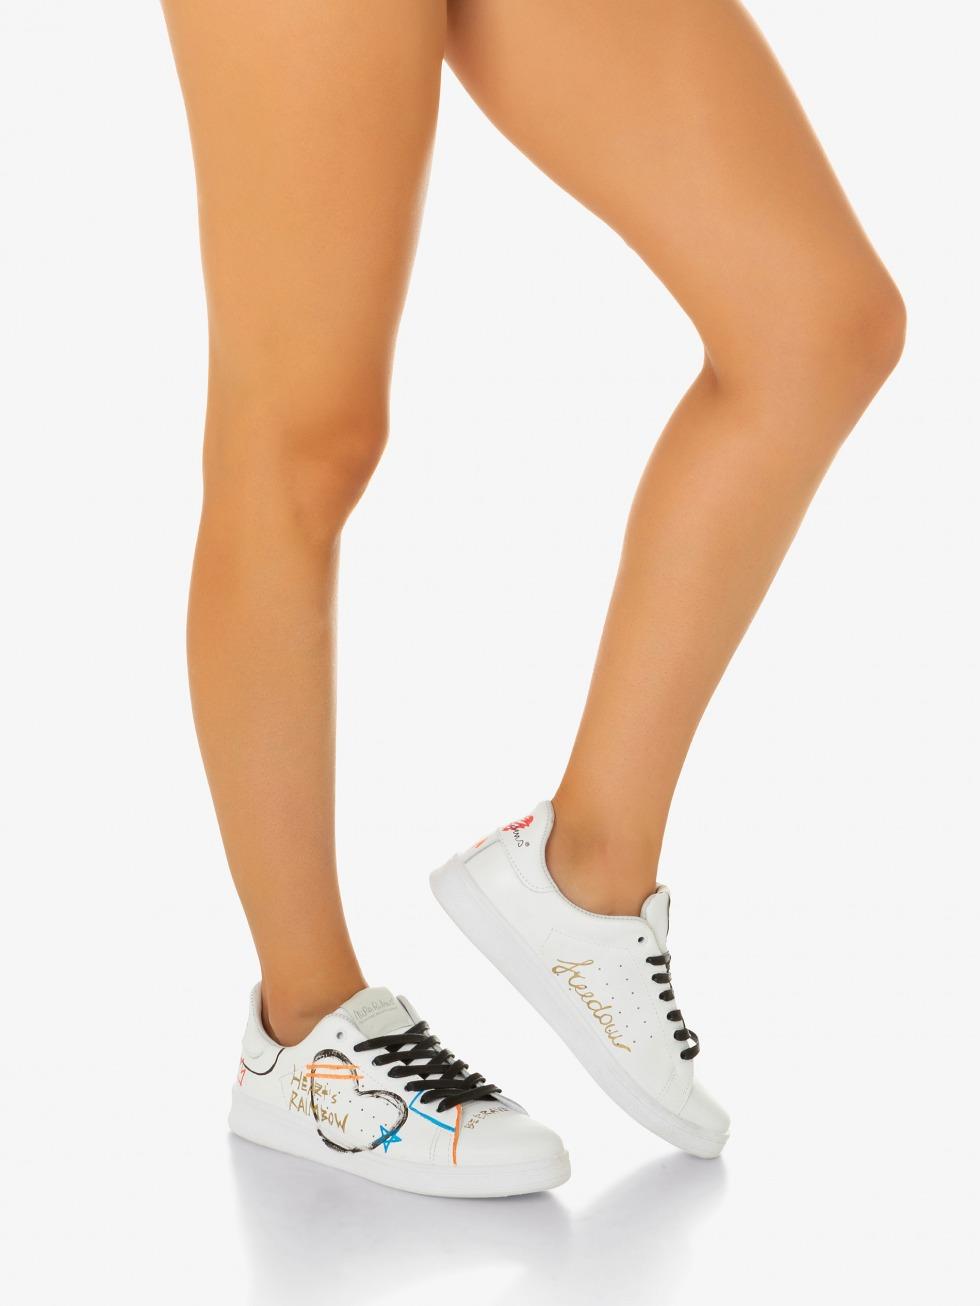 Sneakers colorate con disegni e scritte - NiRa Rubens